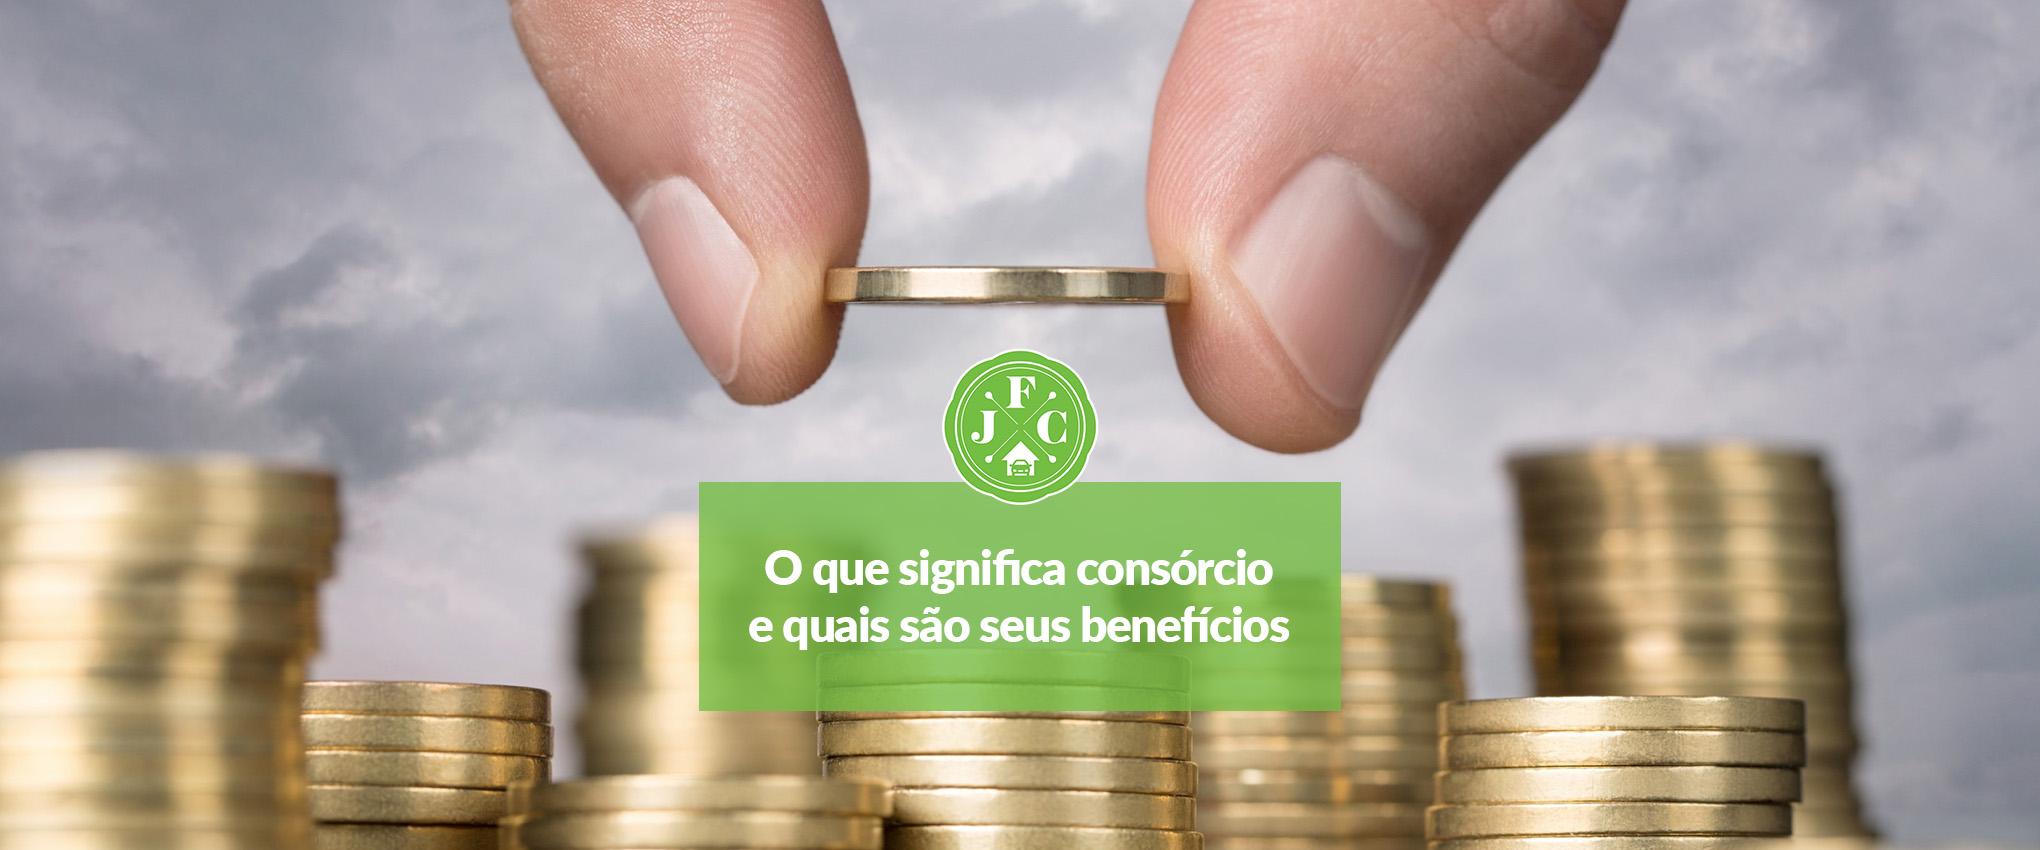 O que significa consórcio e quais são seus benefícios